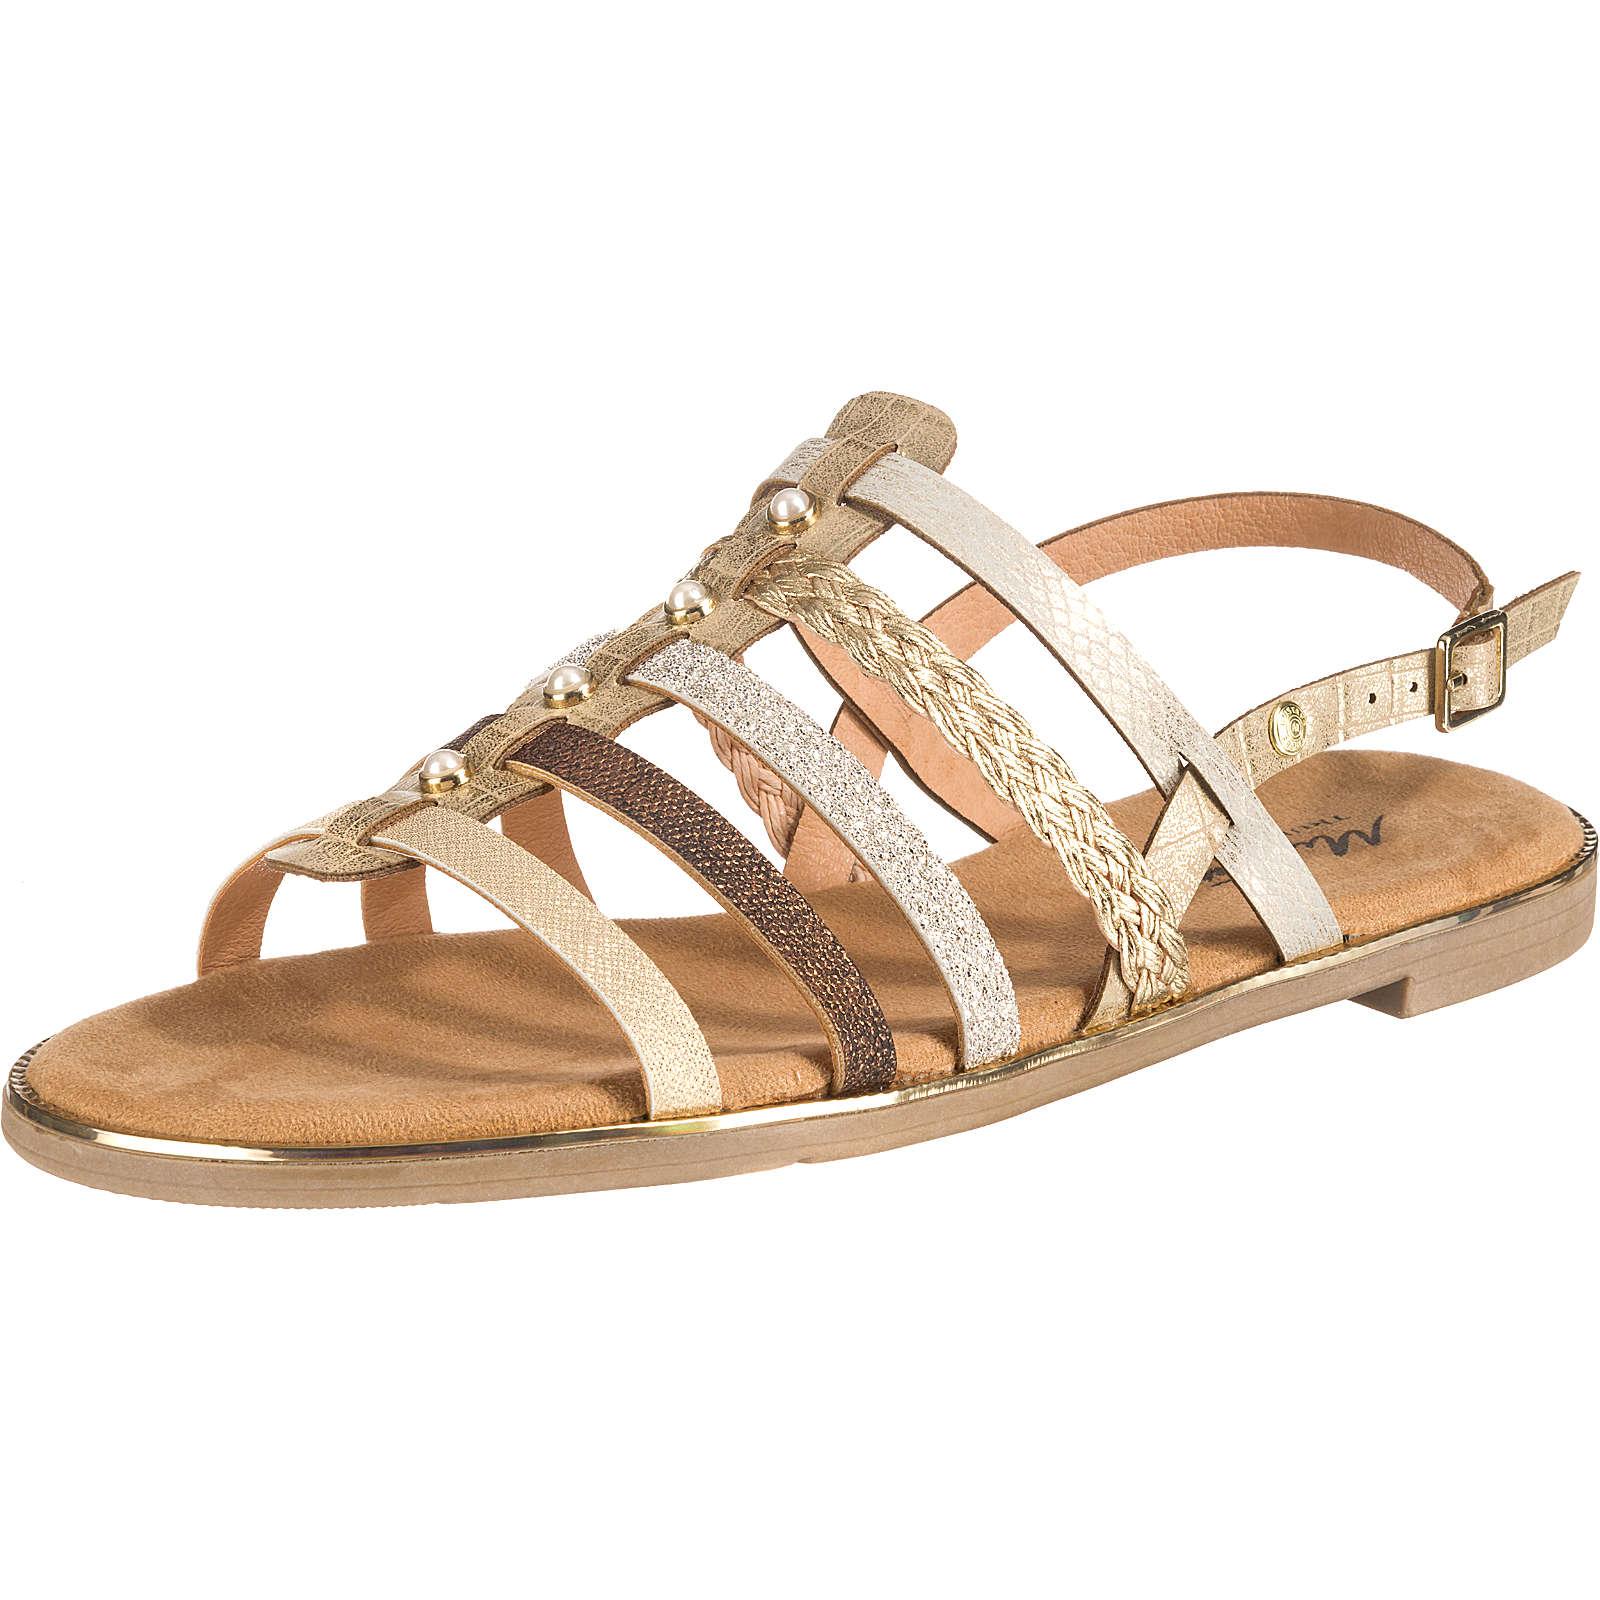 MUSTANG Klassische Sandalen gold Damen Gr. 37